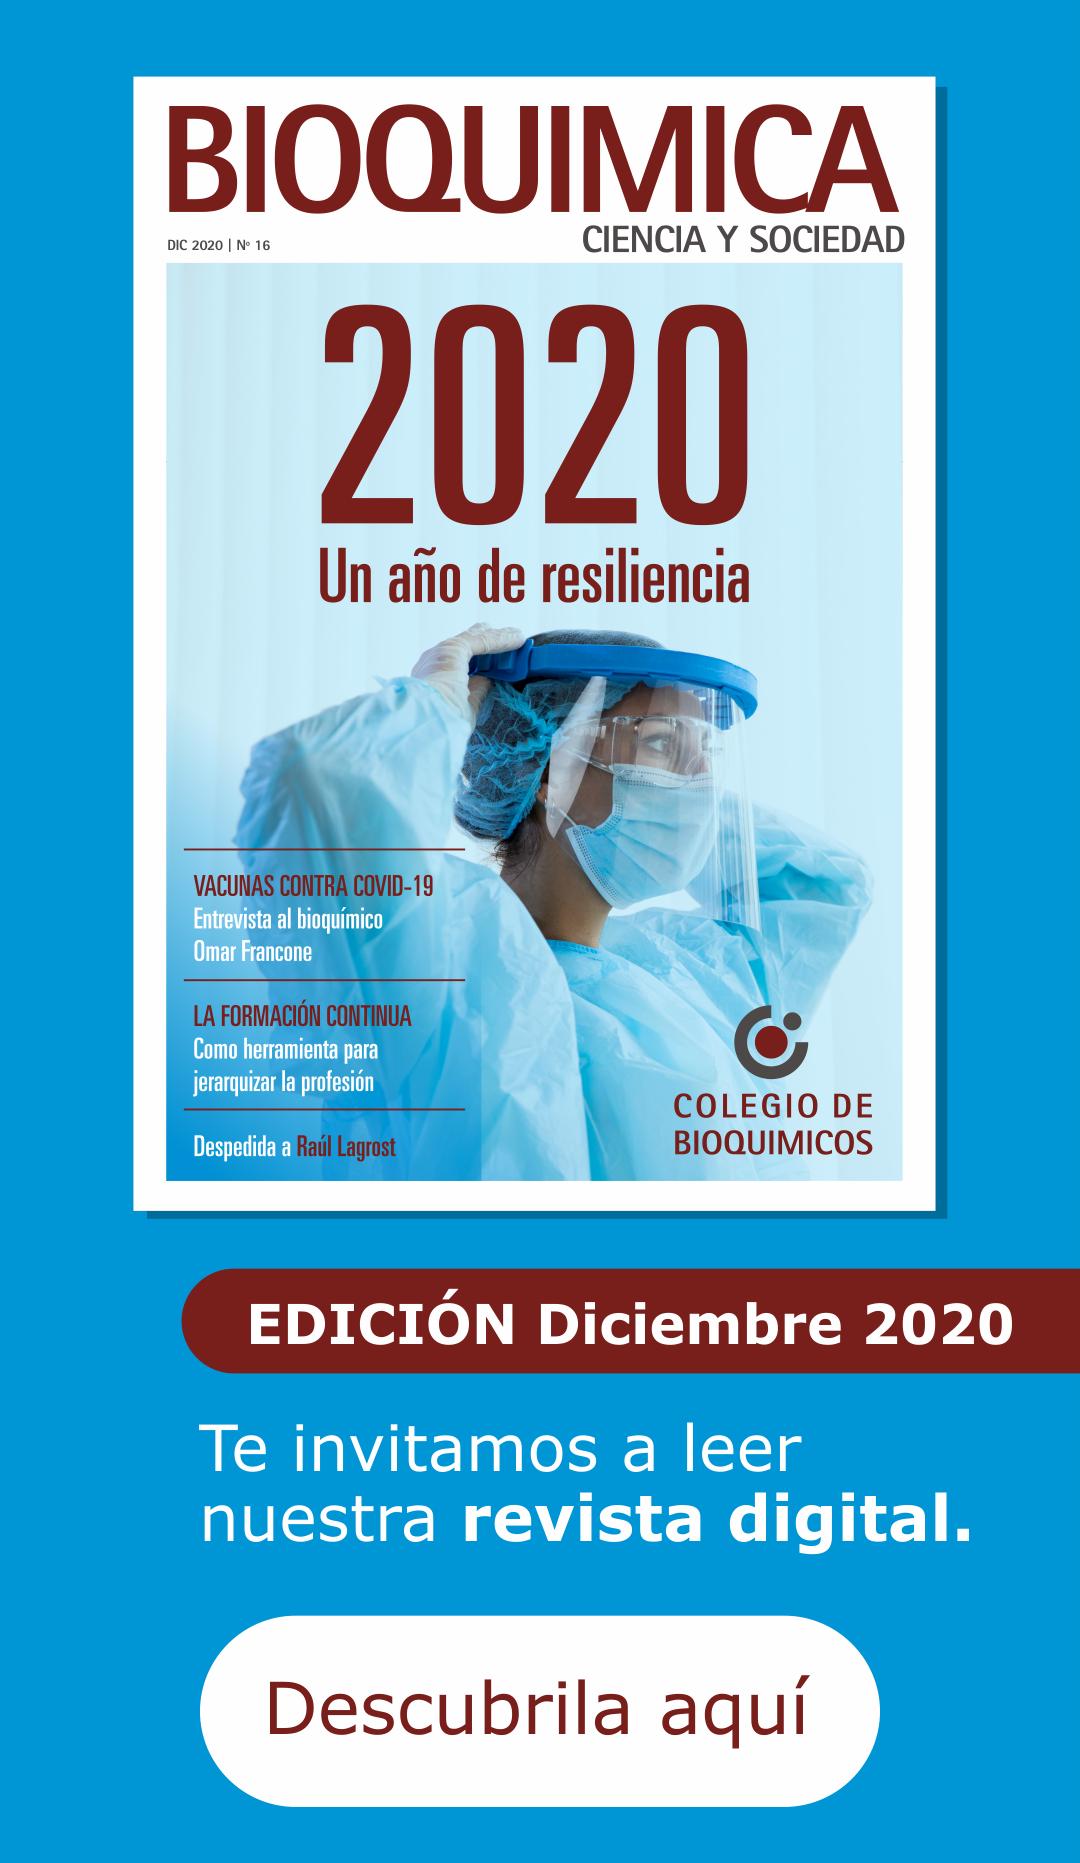 Revista del Colegio de Bioquímicos de Santa Fe - diciembre 2020